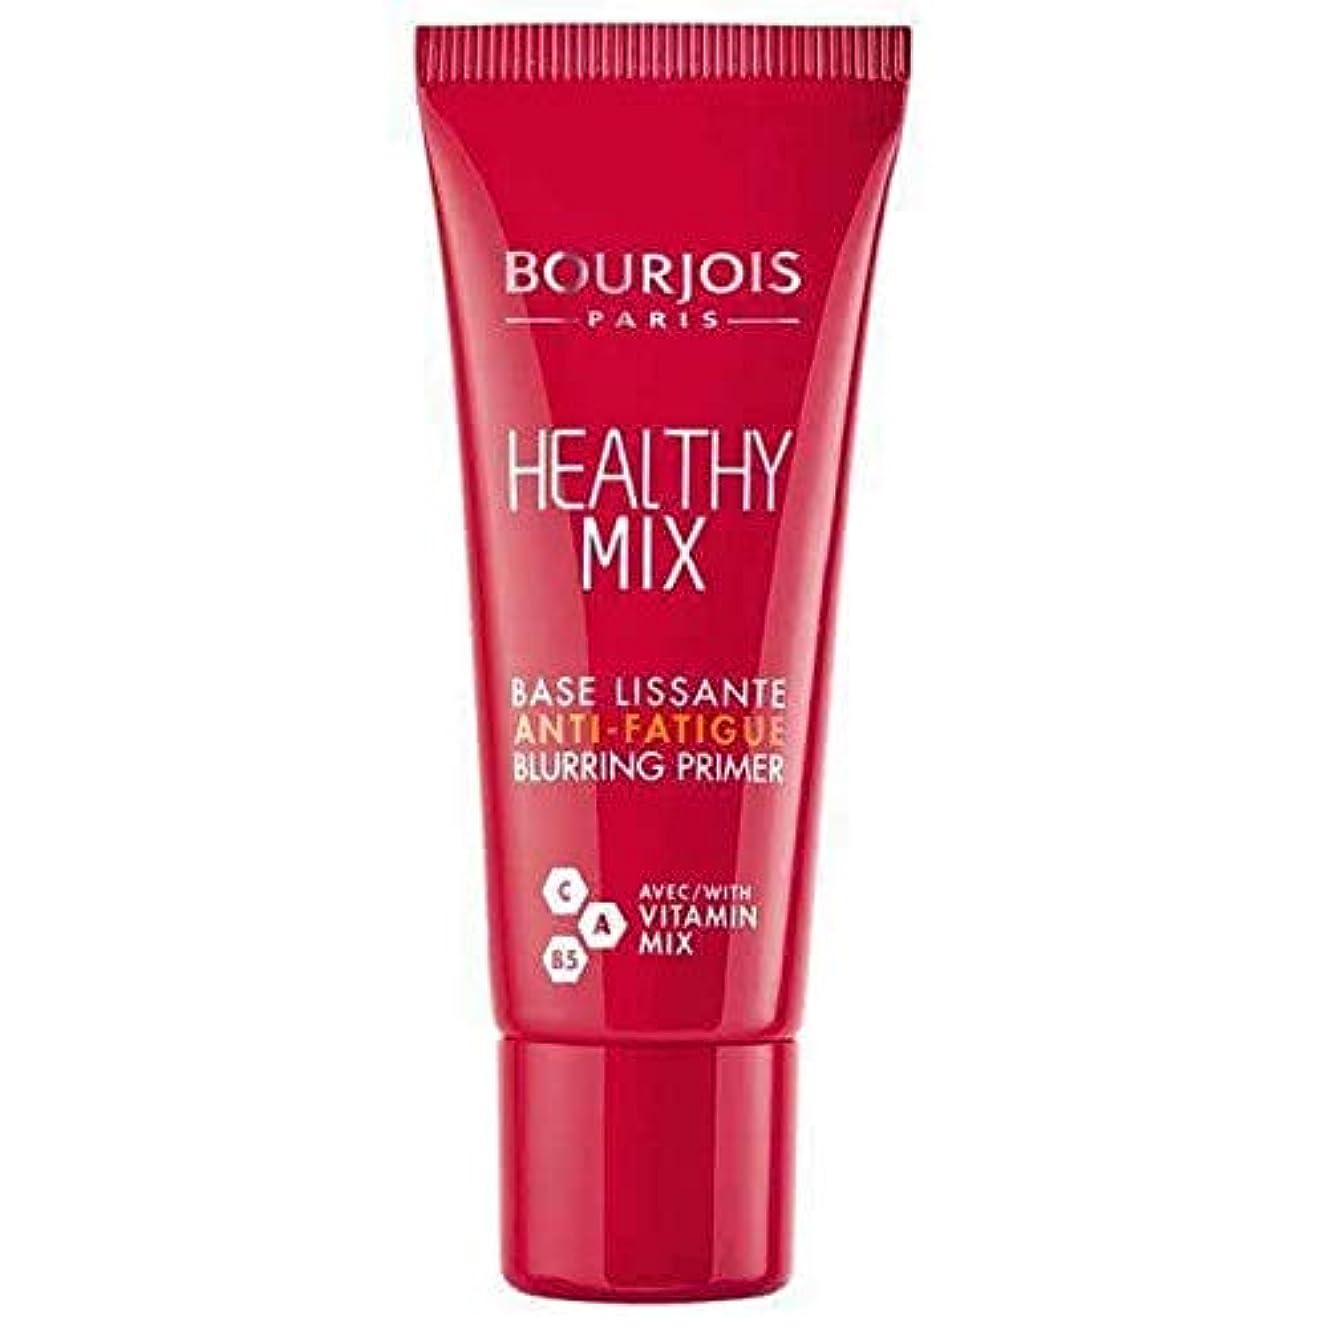 [Bourjois ] ブルジョワヘルシーミックスフェイスプライマー - Bourjois Healthy Mix Face Primer [並行輸入品]